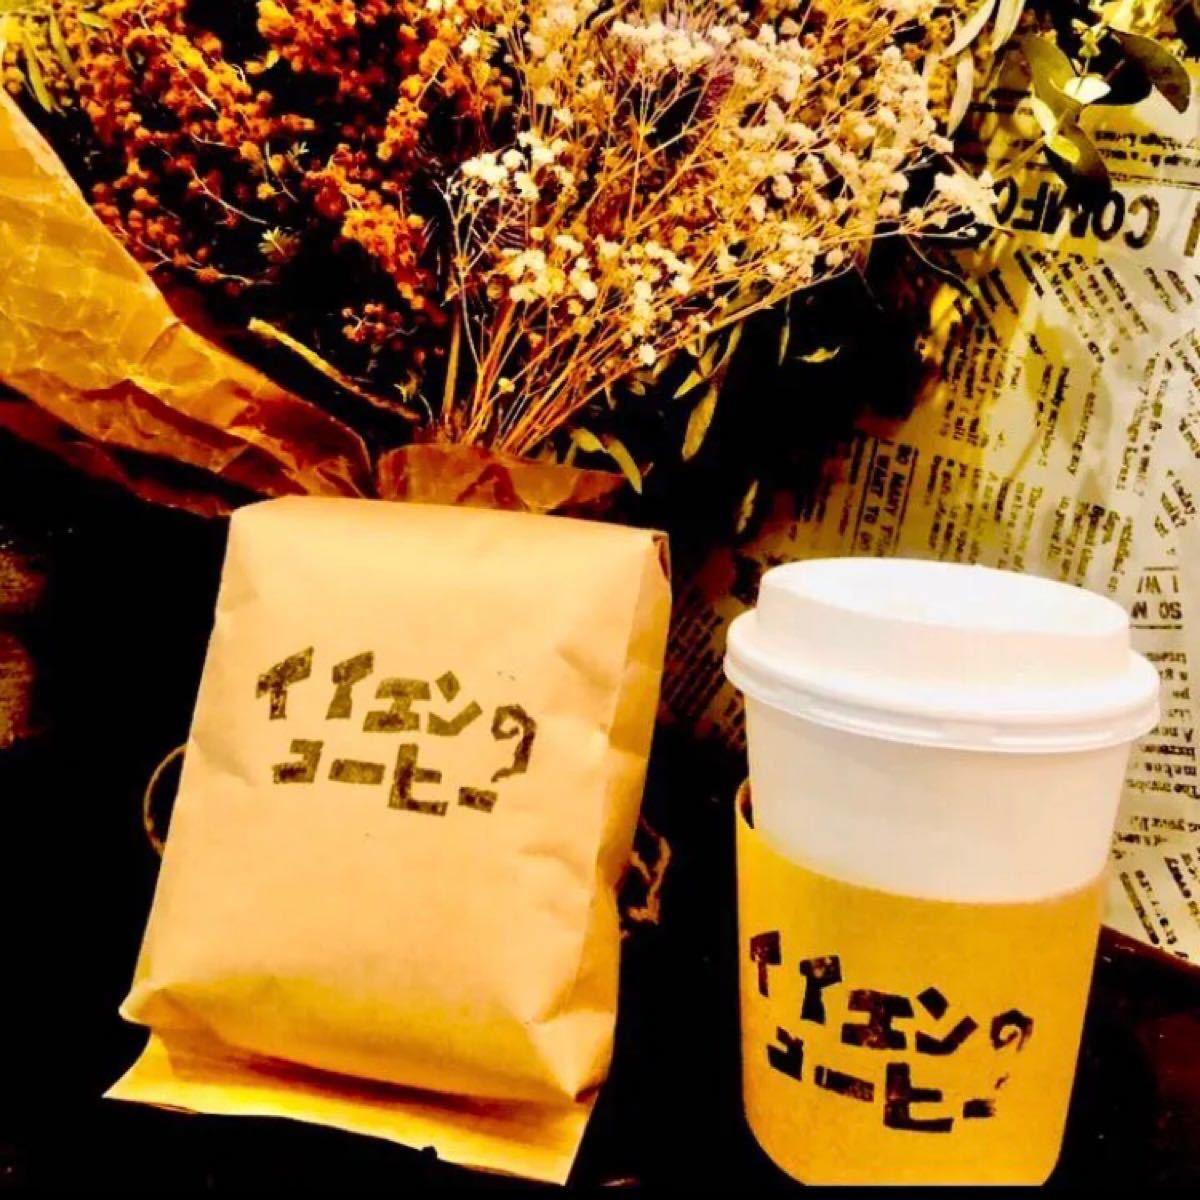 自家焙煎 珈琲豆 コーヒー豆 【豆or粉】200g イイエン ブレンド